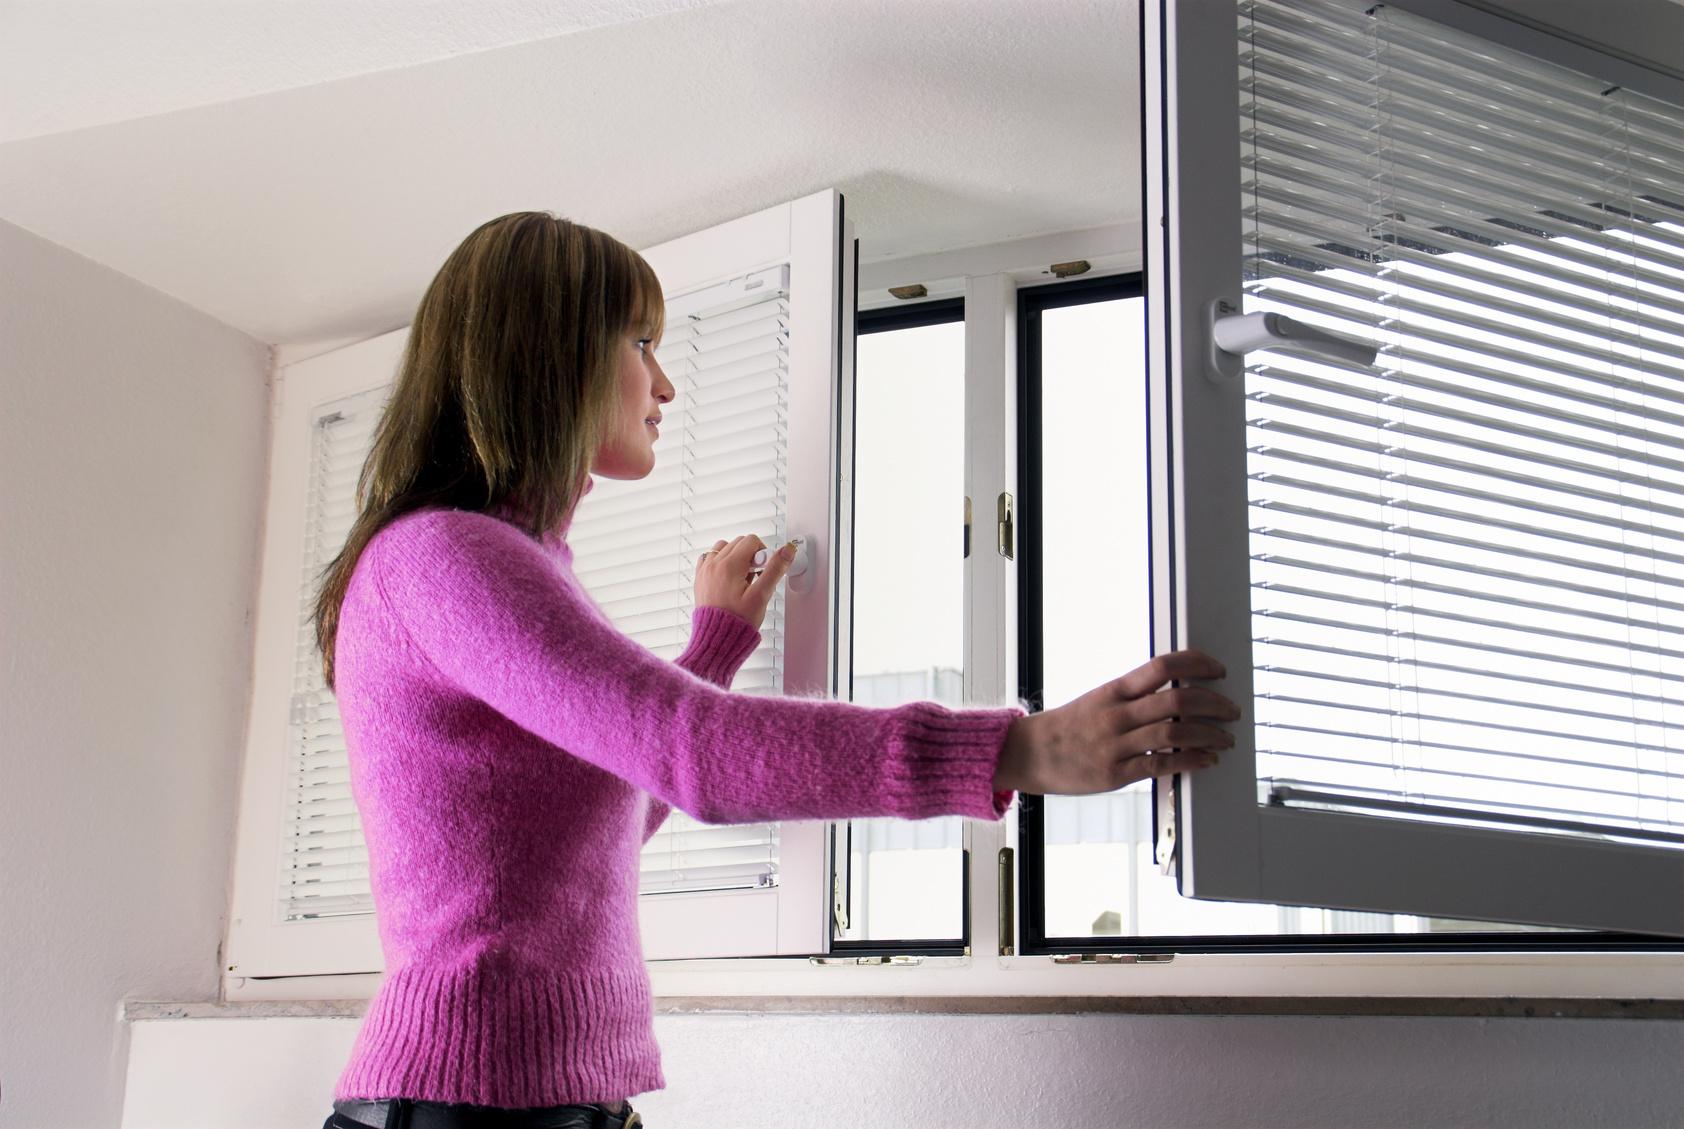 Как быстро избавиться от запаха гари в вашей квартире